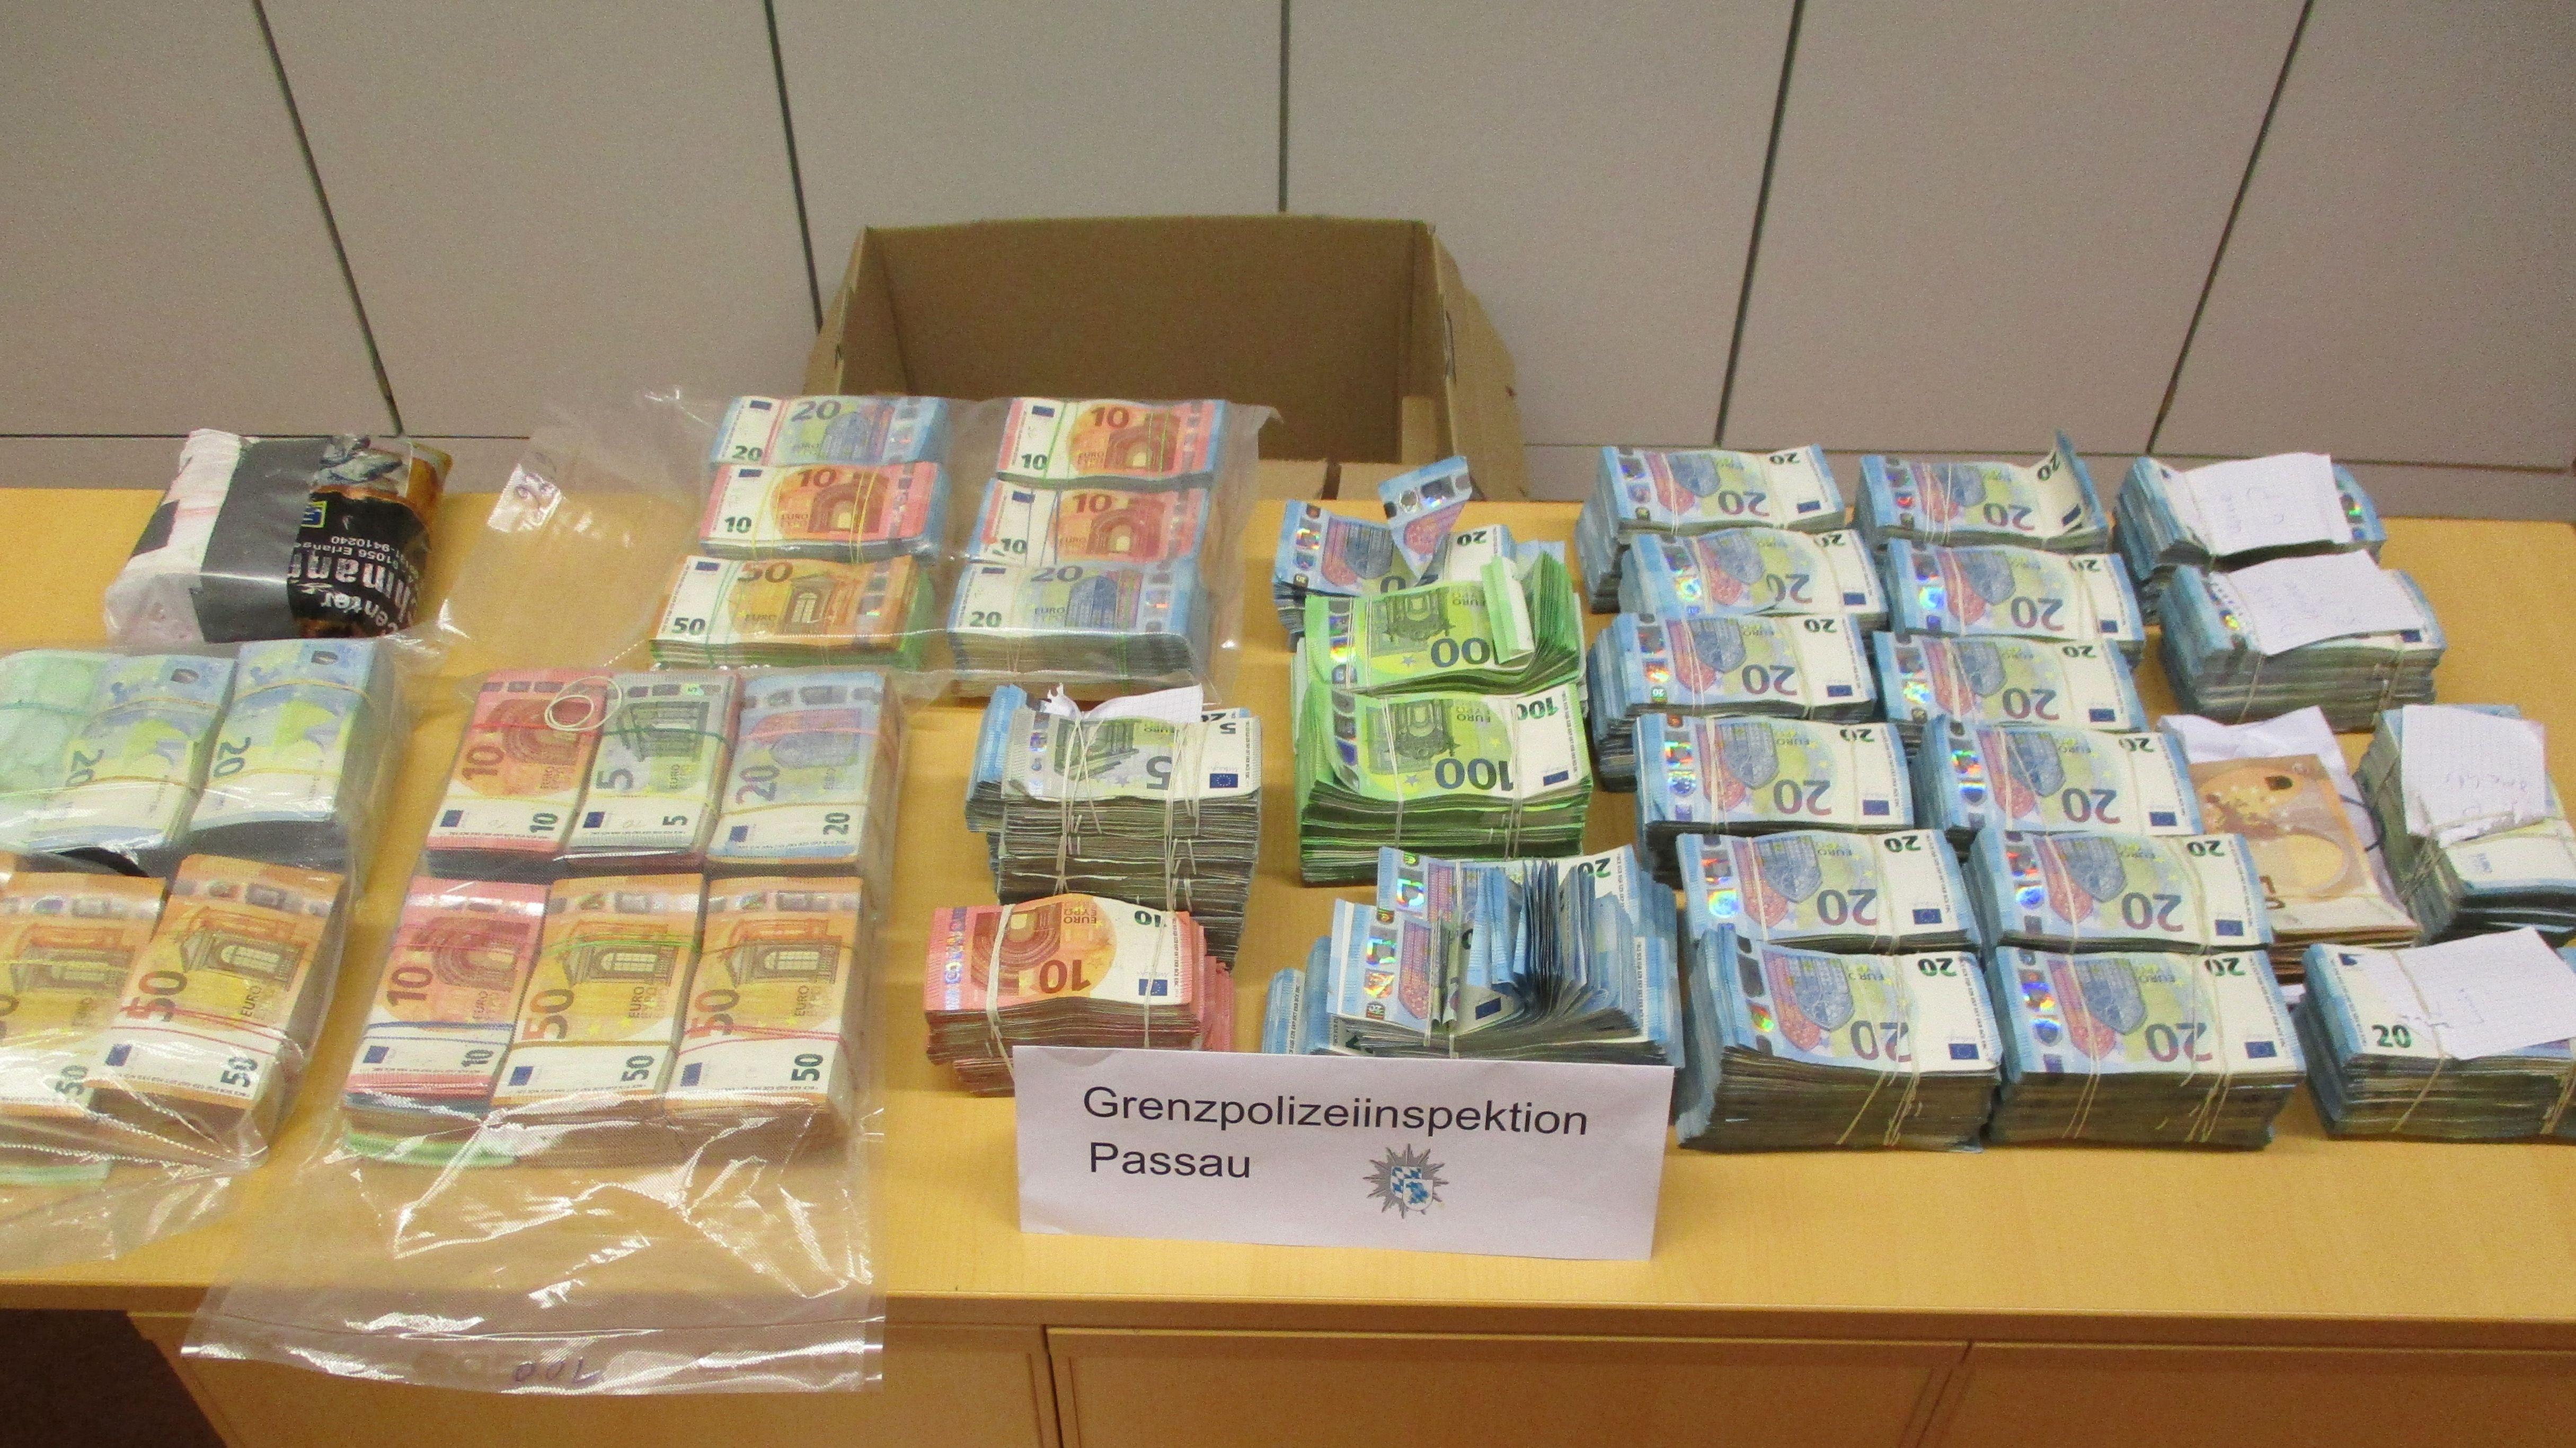 Die sichergestellten Geldscheine im Wert von 1,1 Millionen Euro